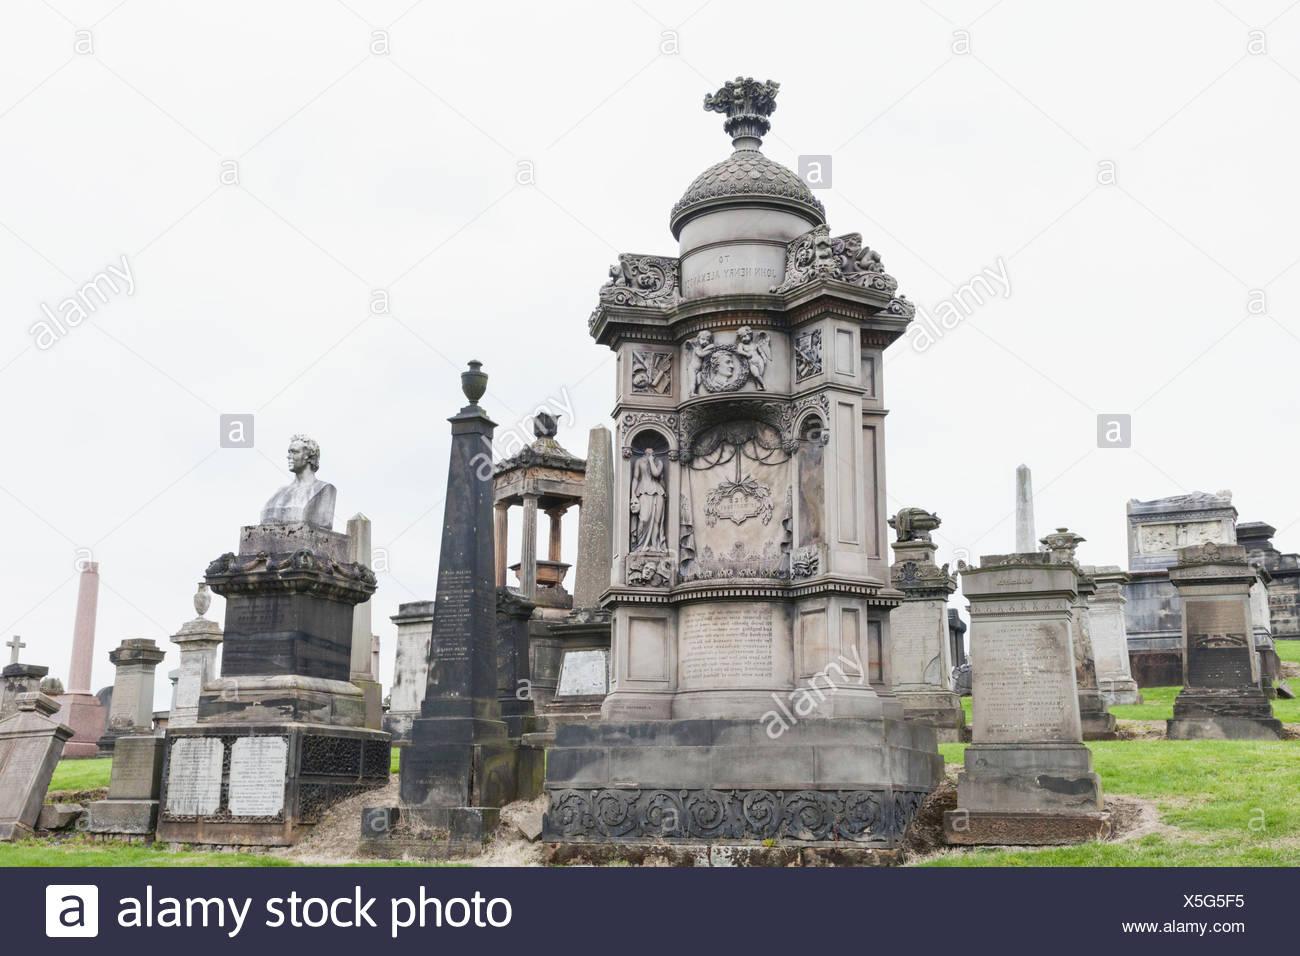 Scotland, Glasgow, Glasgow Cathedral, Glasgow Necropolis, Victorian Tombstones - Stock Image